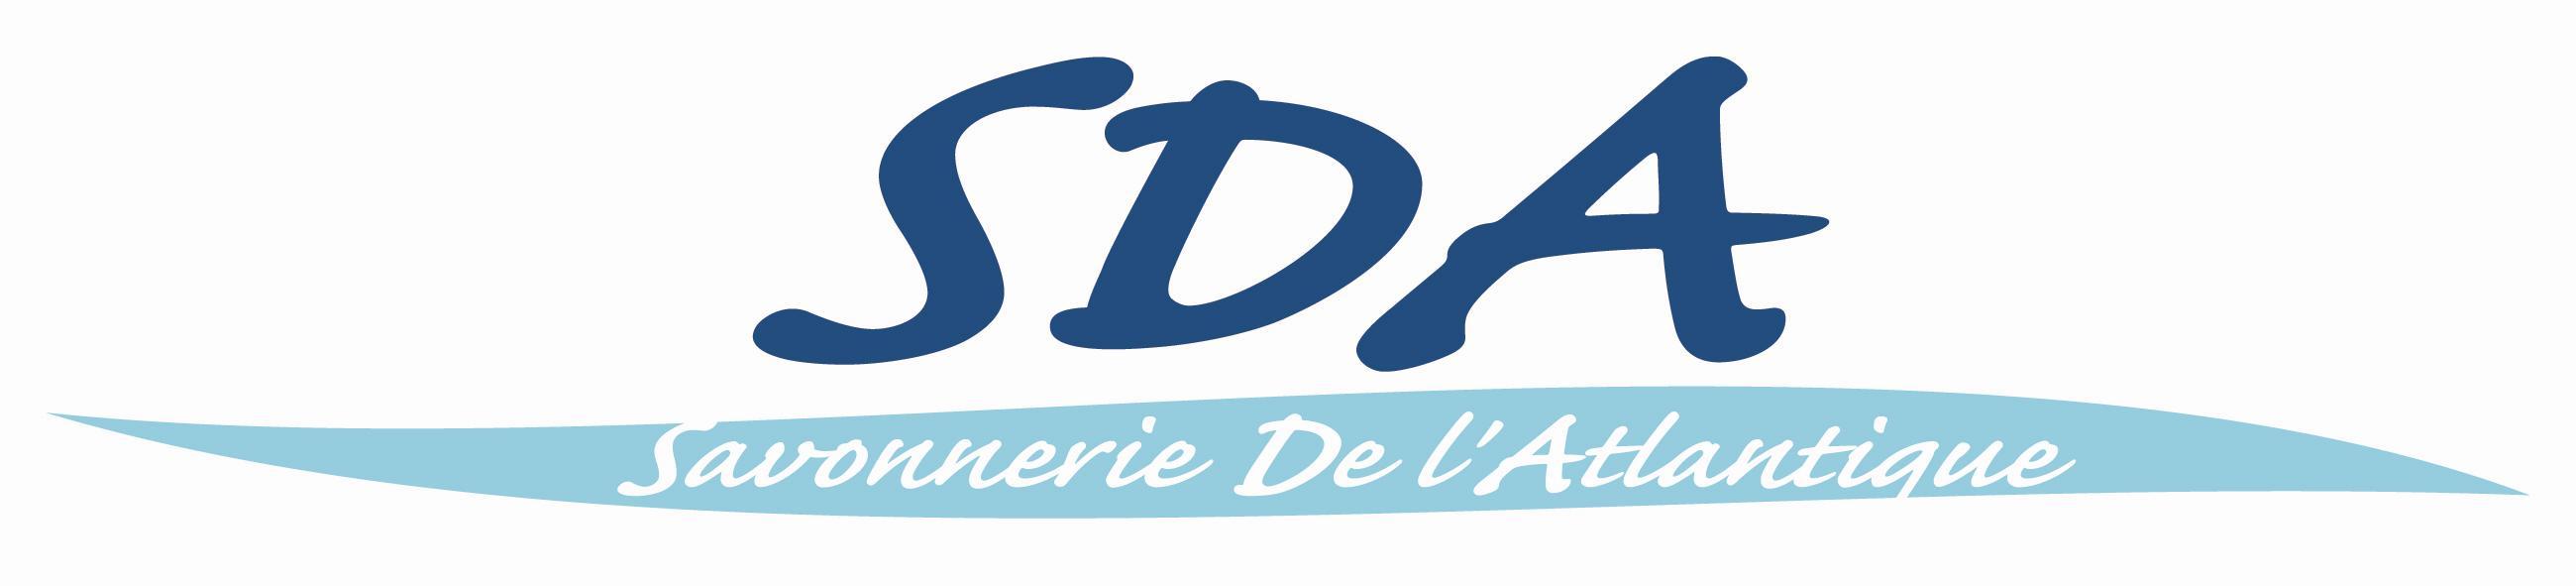 Logo sda